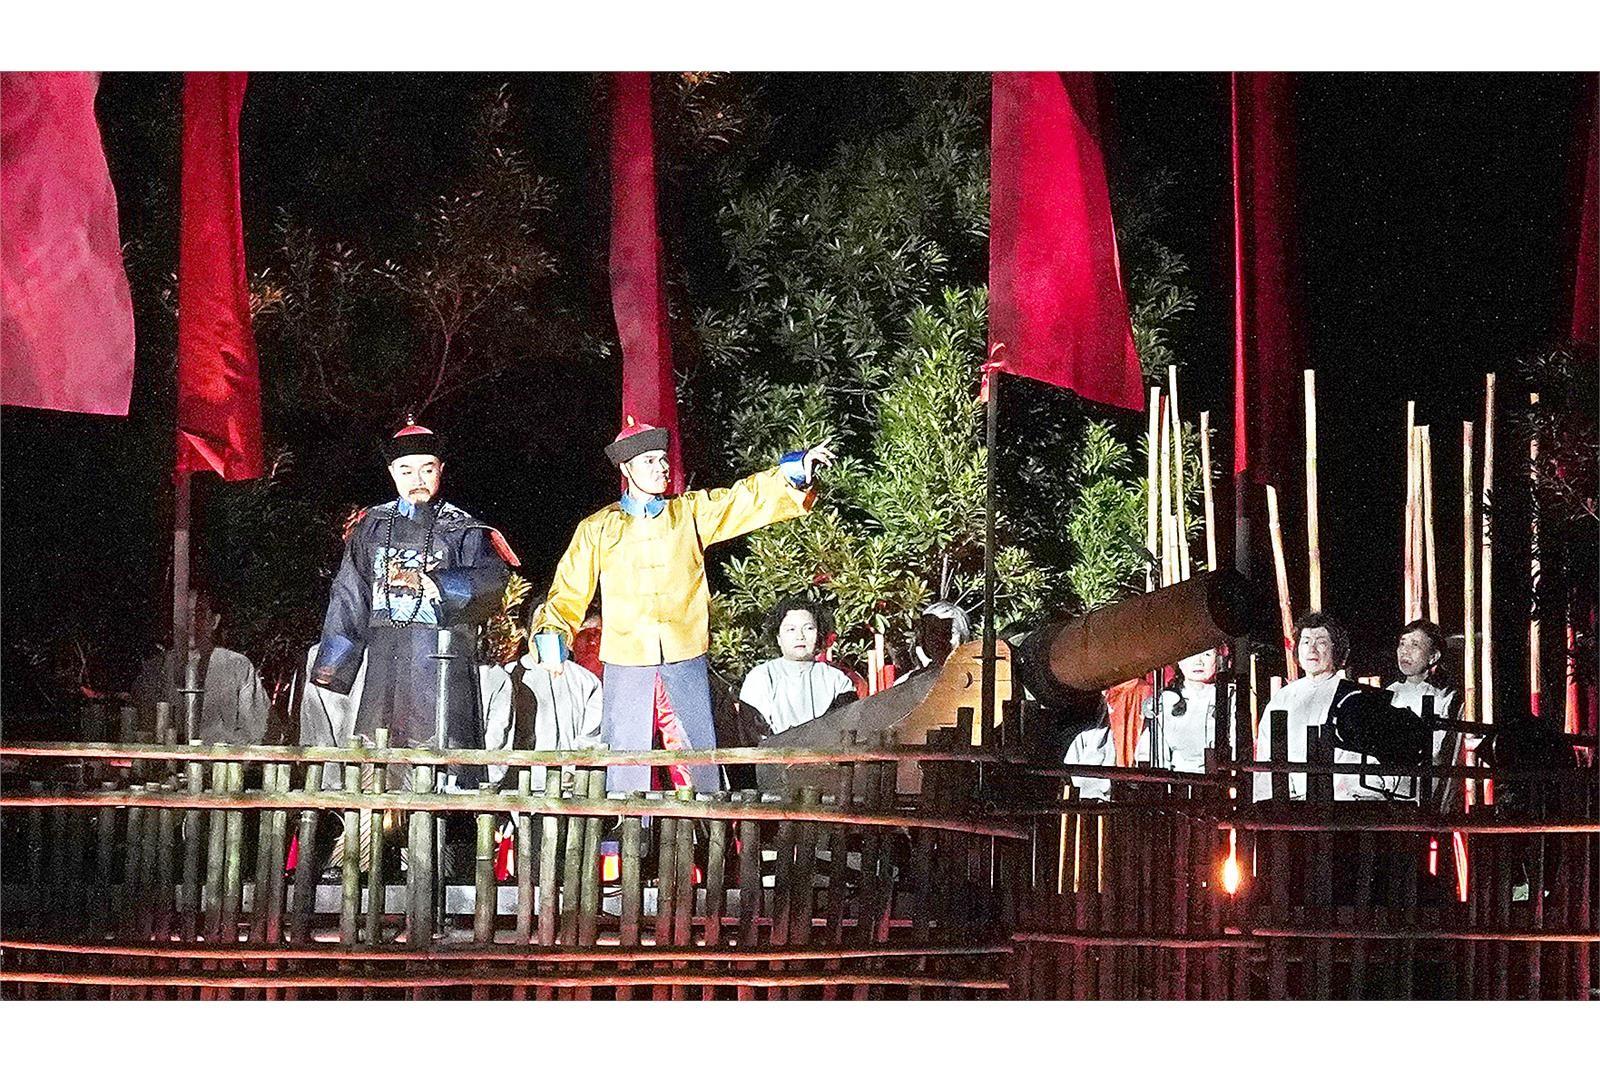 清法戰爭滬尾之役135周年,在滬尾砲台公園盛大登場的戶外史詩鉅作《戰祭1884》。(淡水古蹟博物館提供)